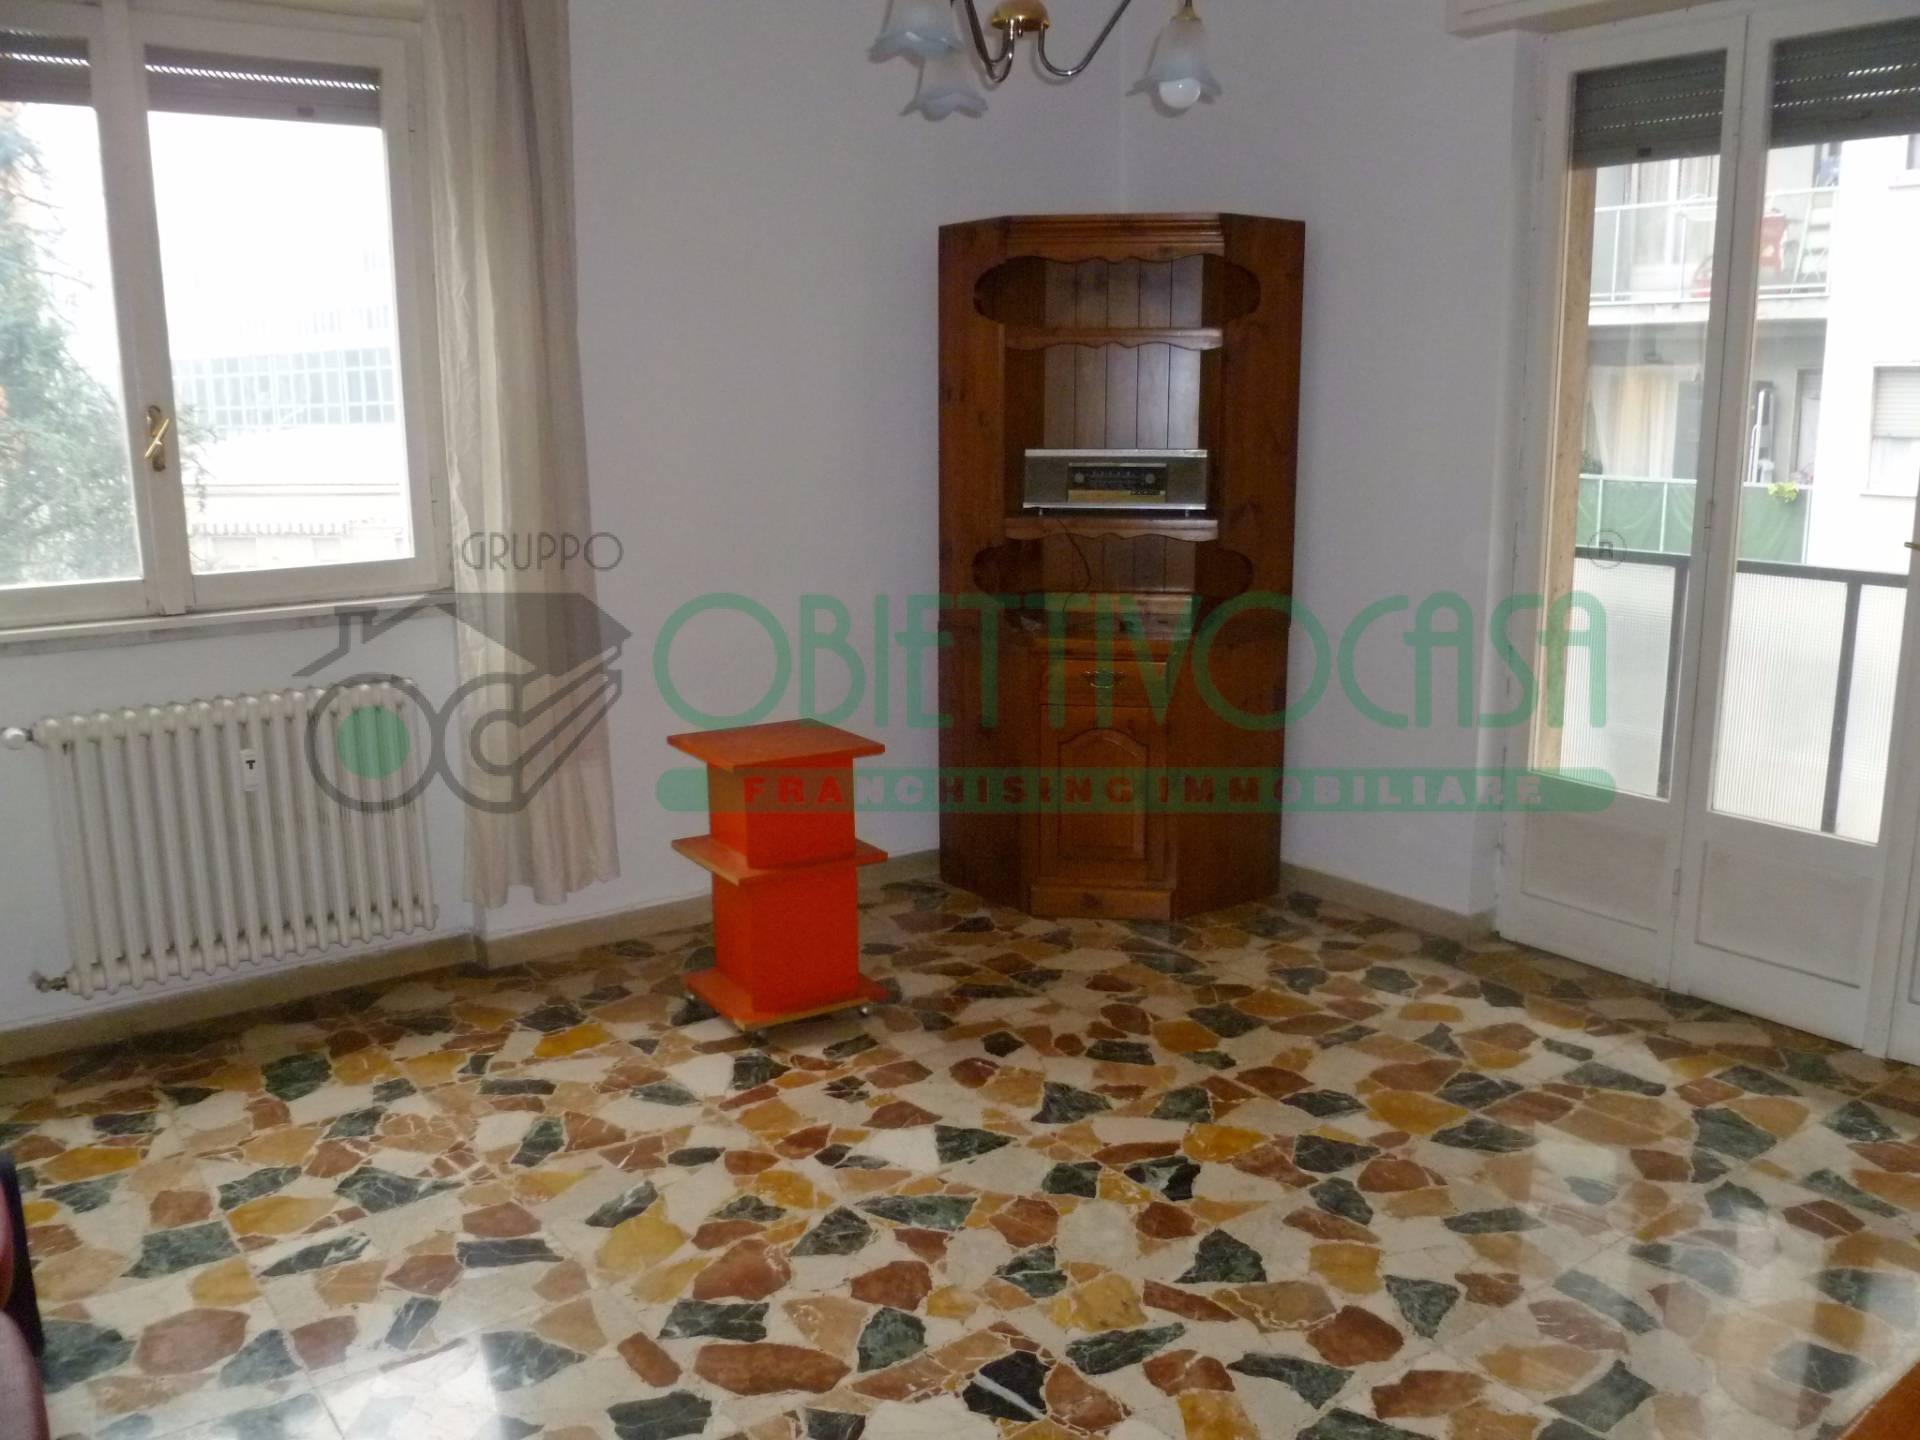 Milano | Appartamento in Vendita in lorenteggio | lacasadimilano.it